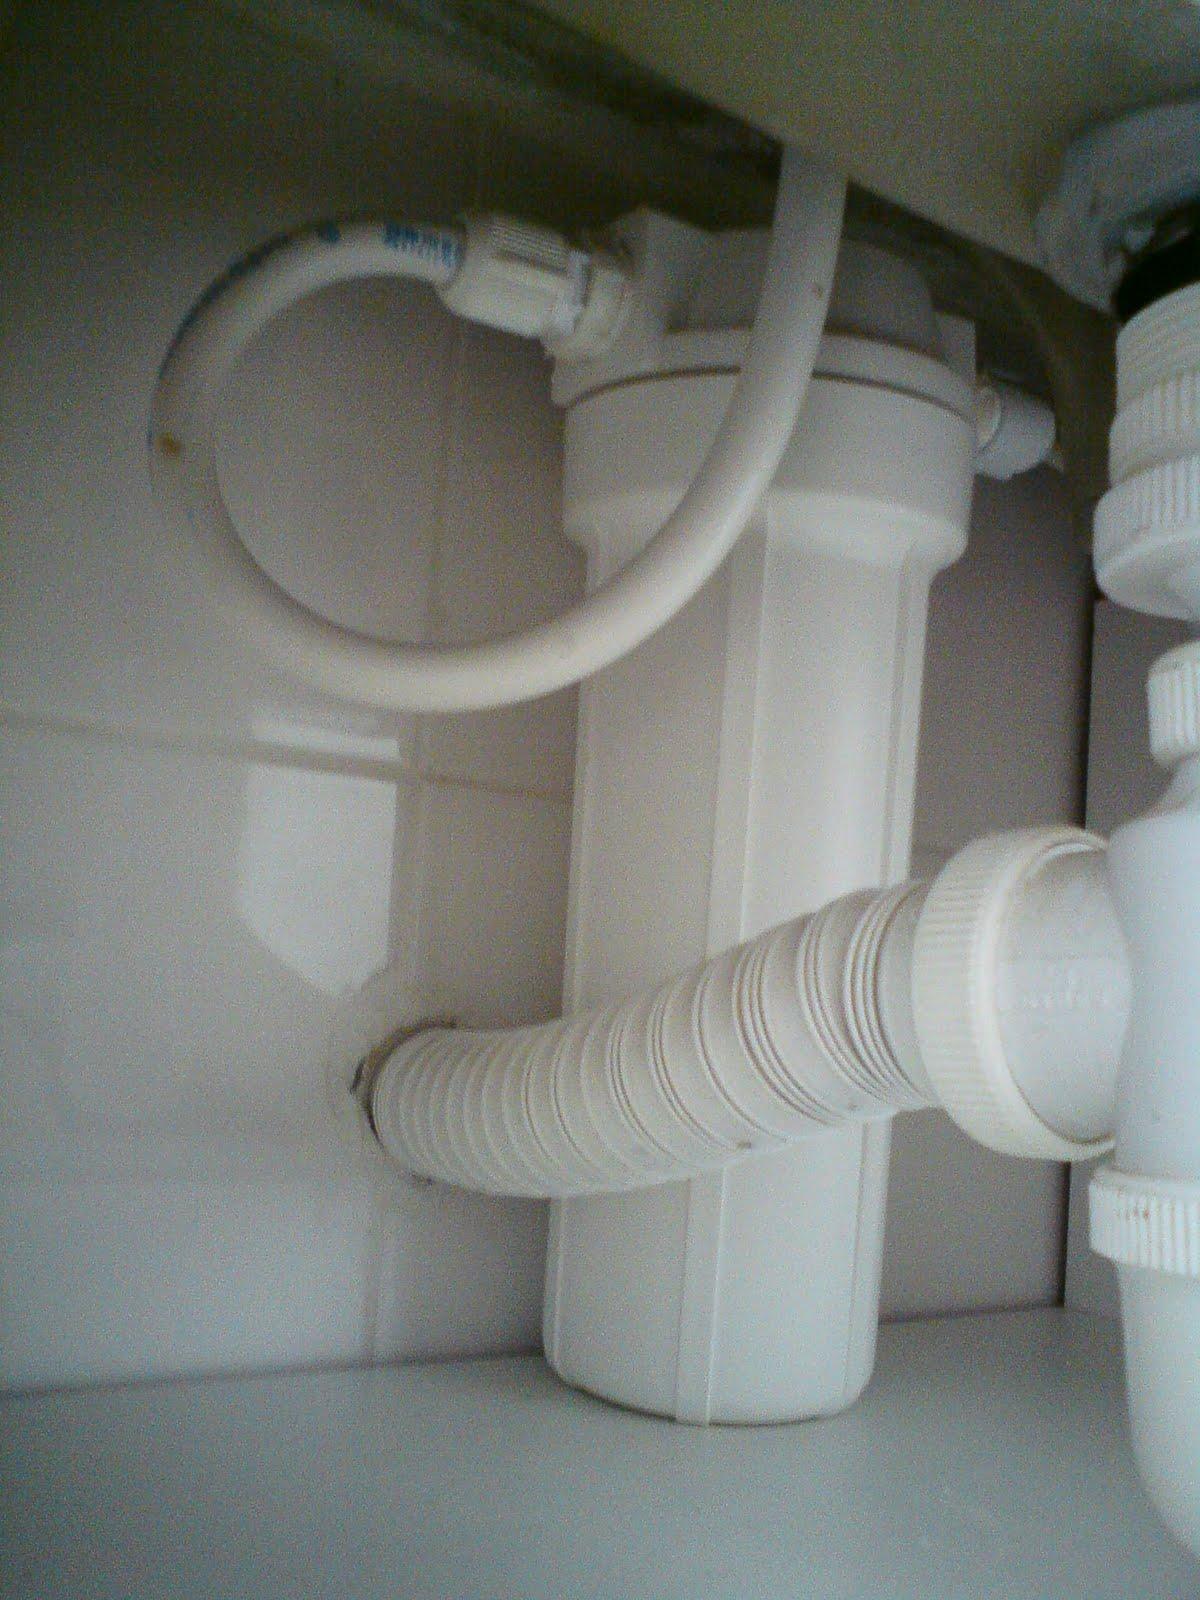 #35382C Total Filtros: Filtro Instalado Sob Pia (Lavabo) 1200x1600 px Banheiro Para Gatos Com Carvão Ativado 2505